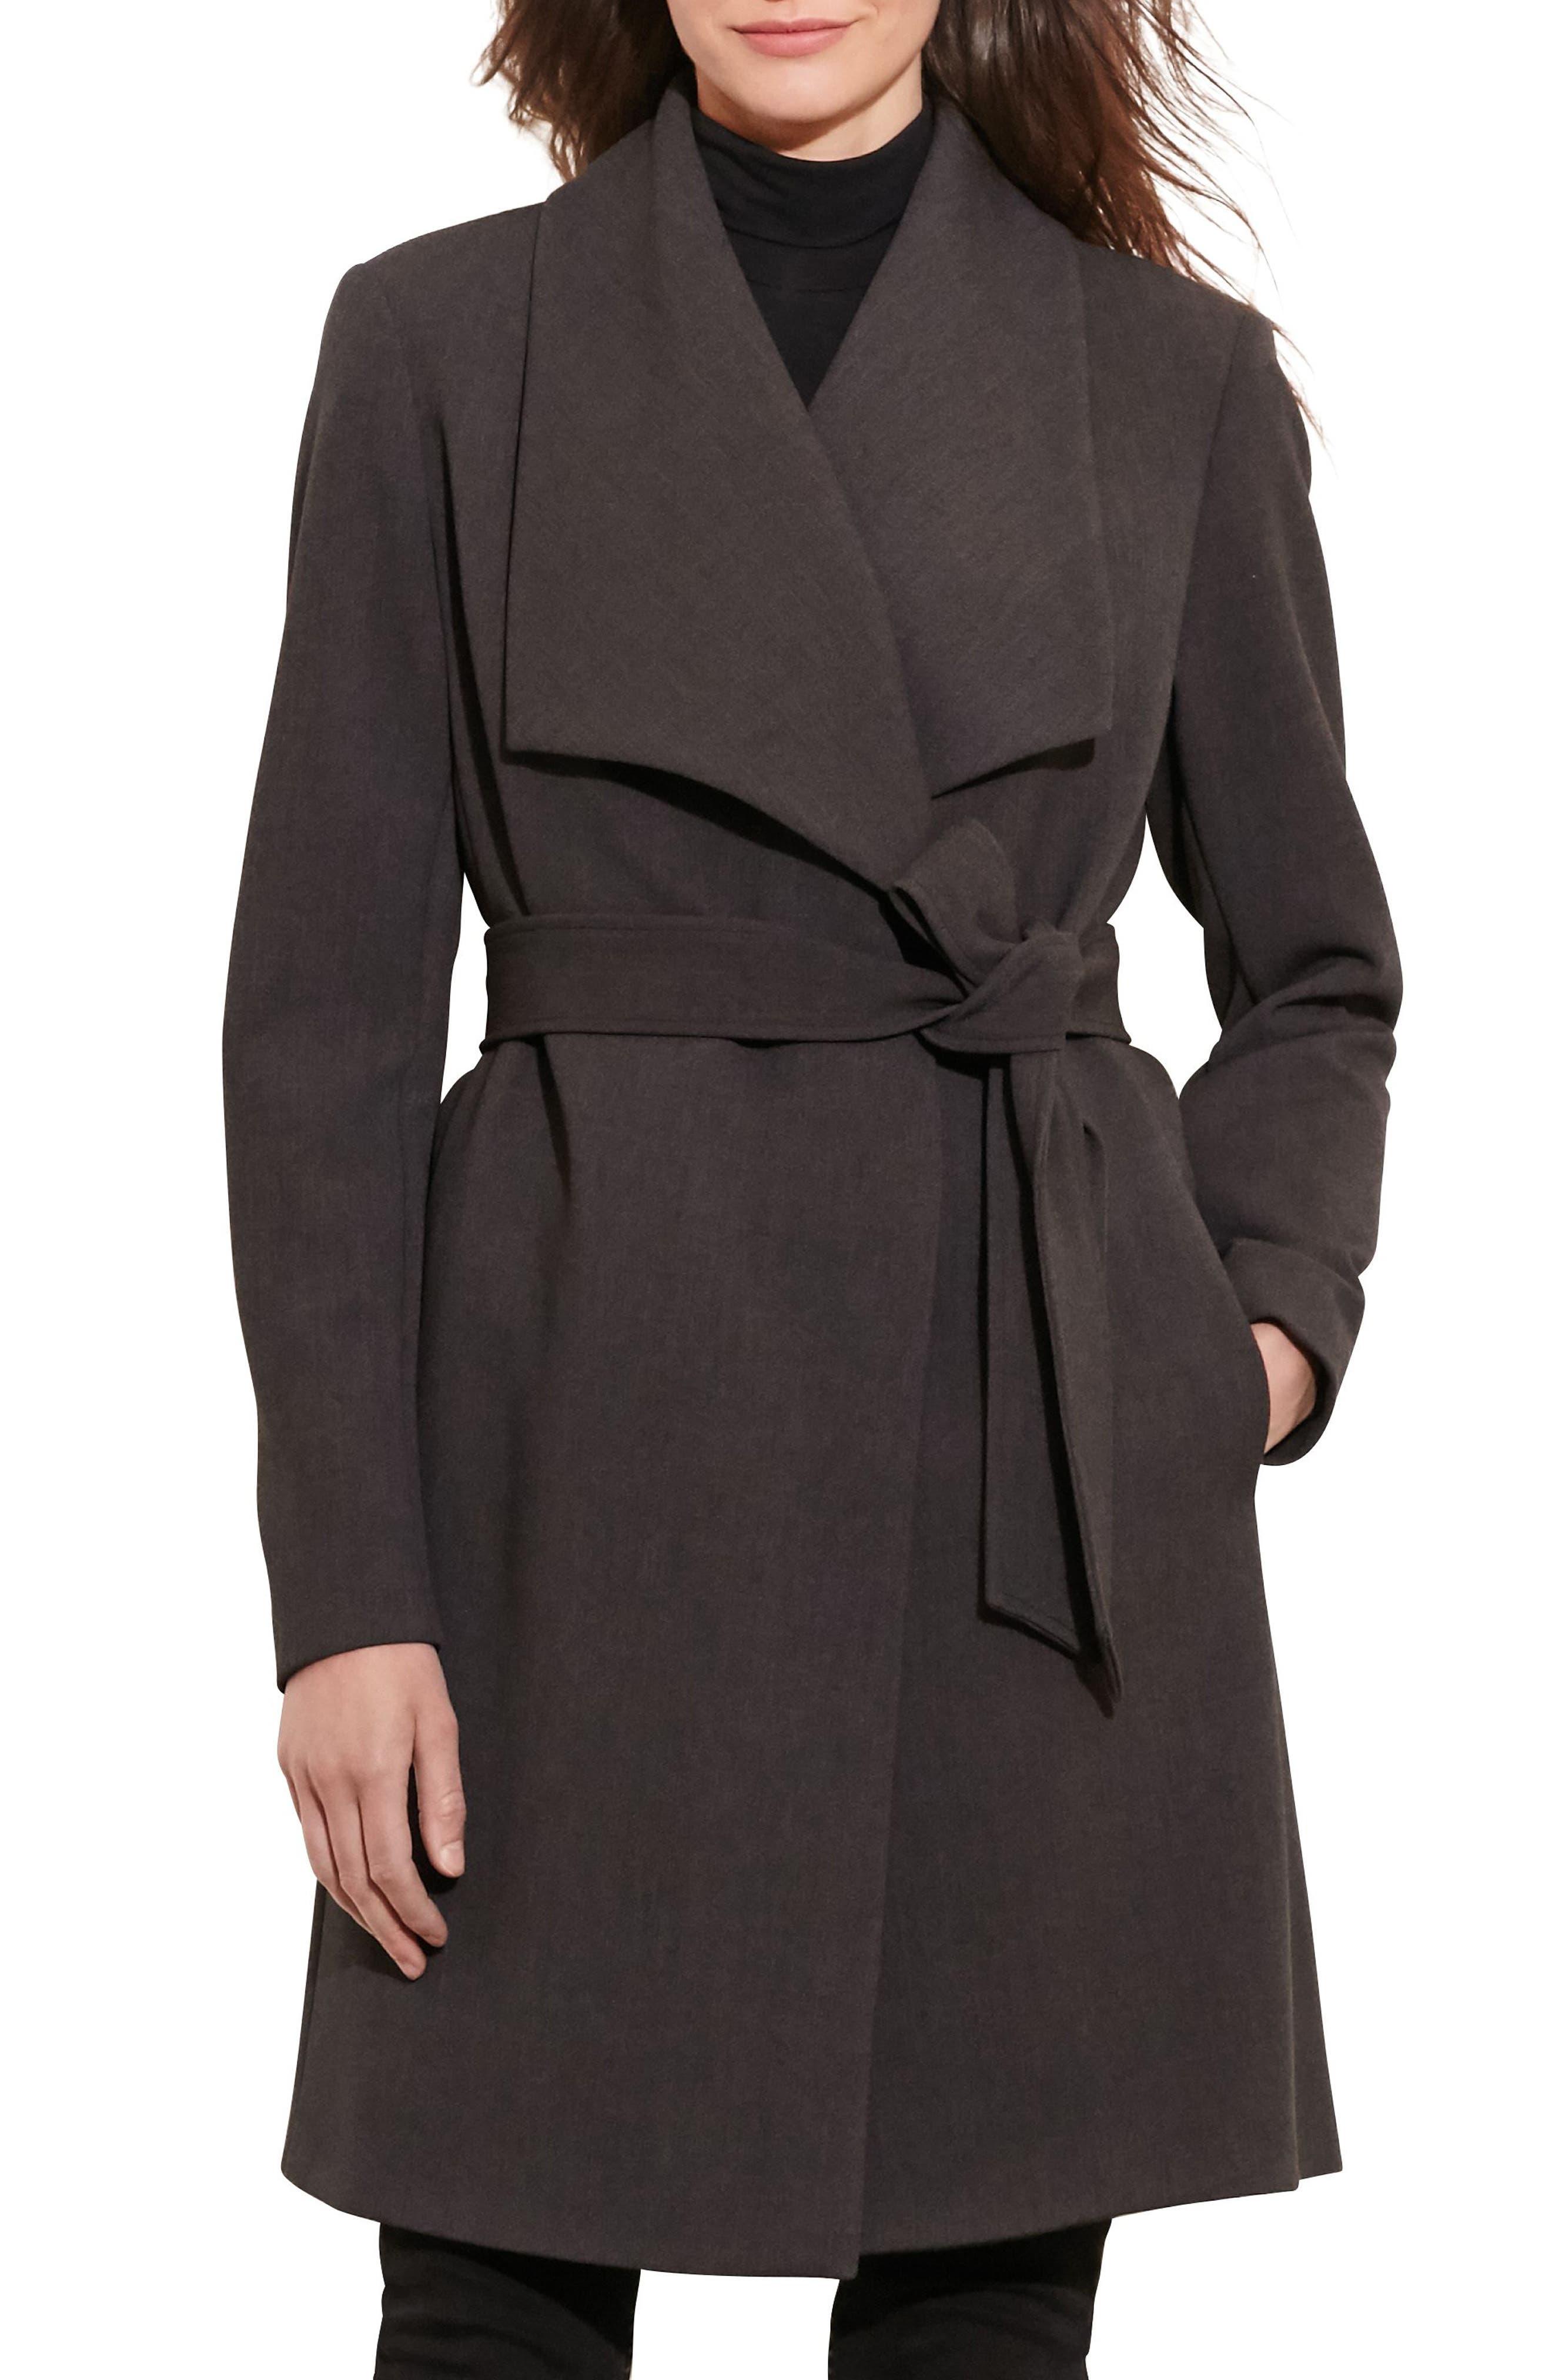 Alternate Image 1 Selected - Lauren Ralph Lauren Belted Drape Front Coat (Regular & Petite)